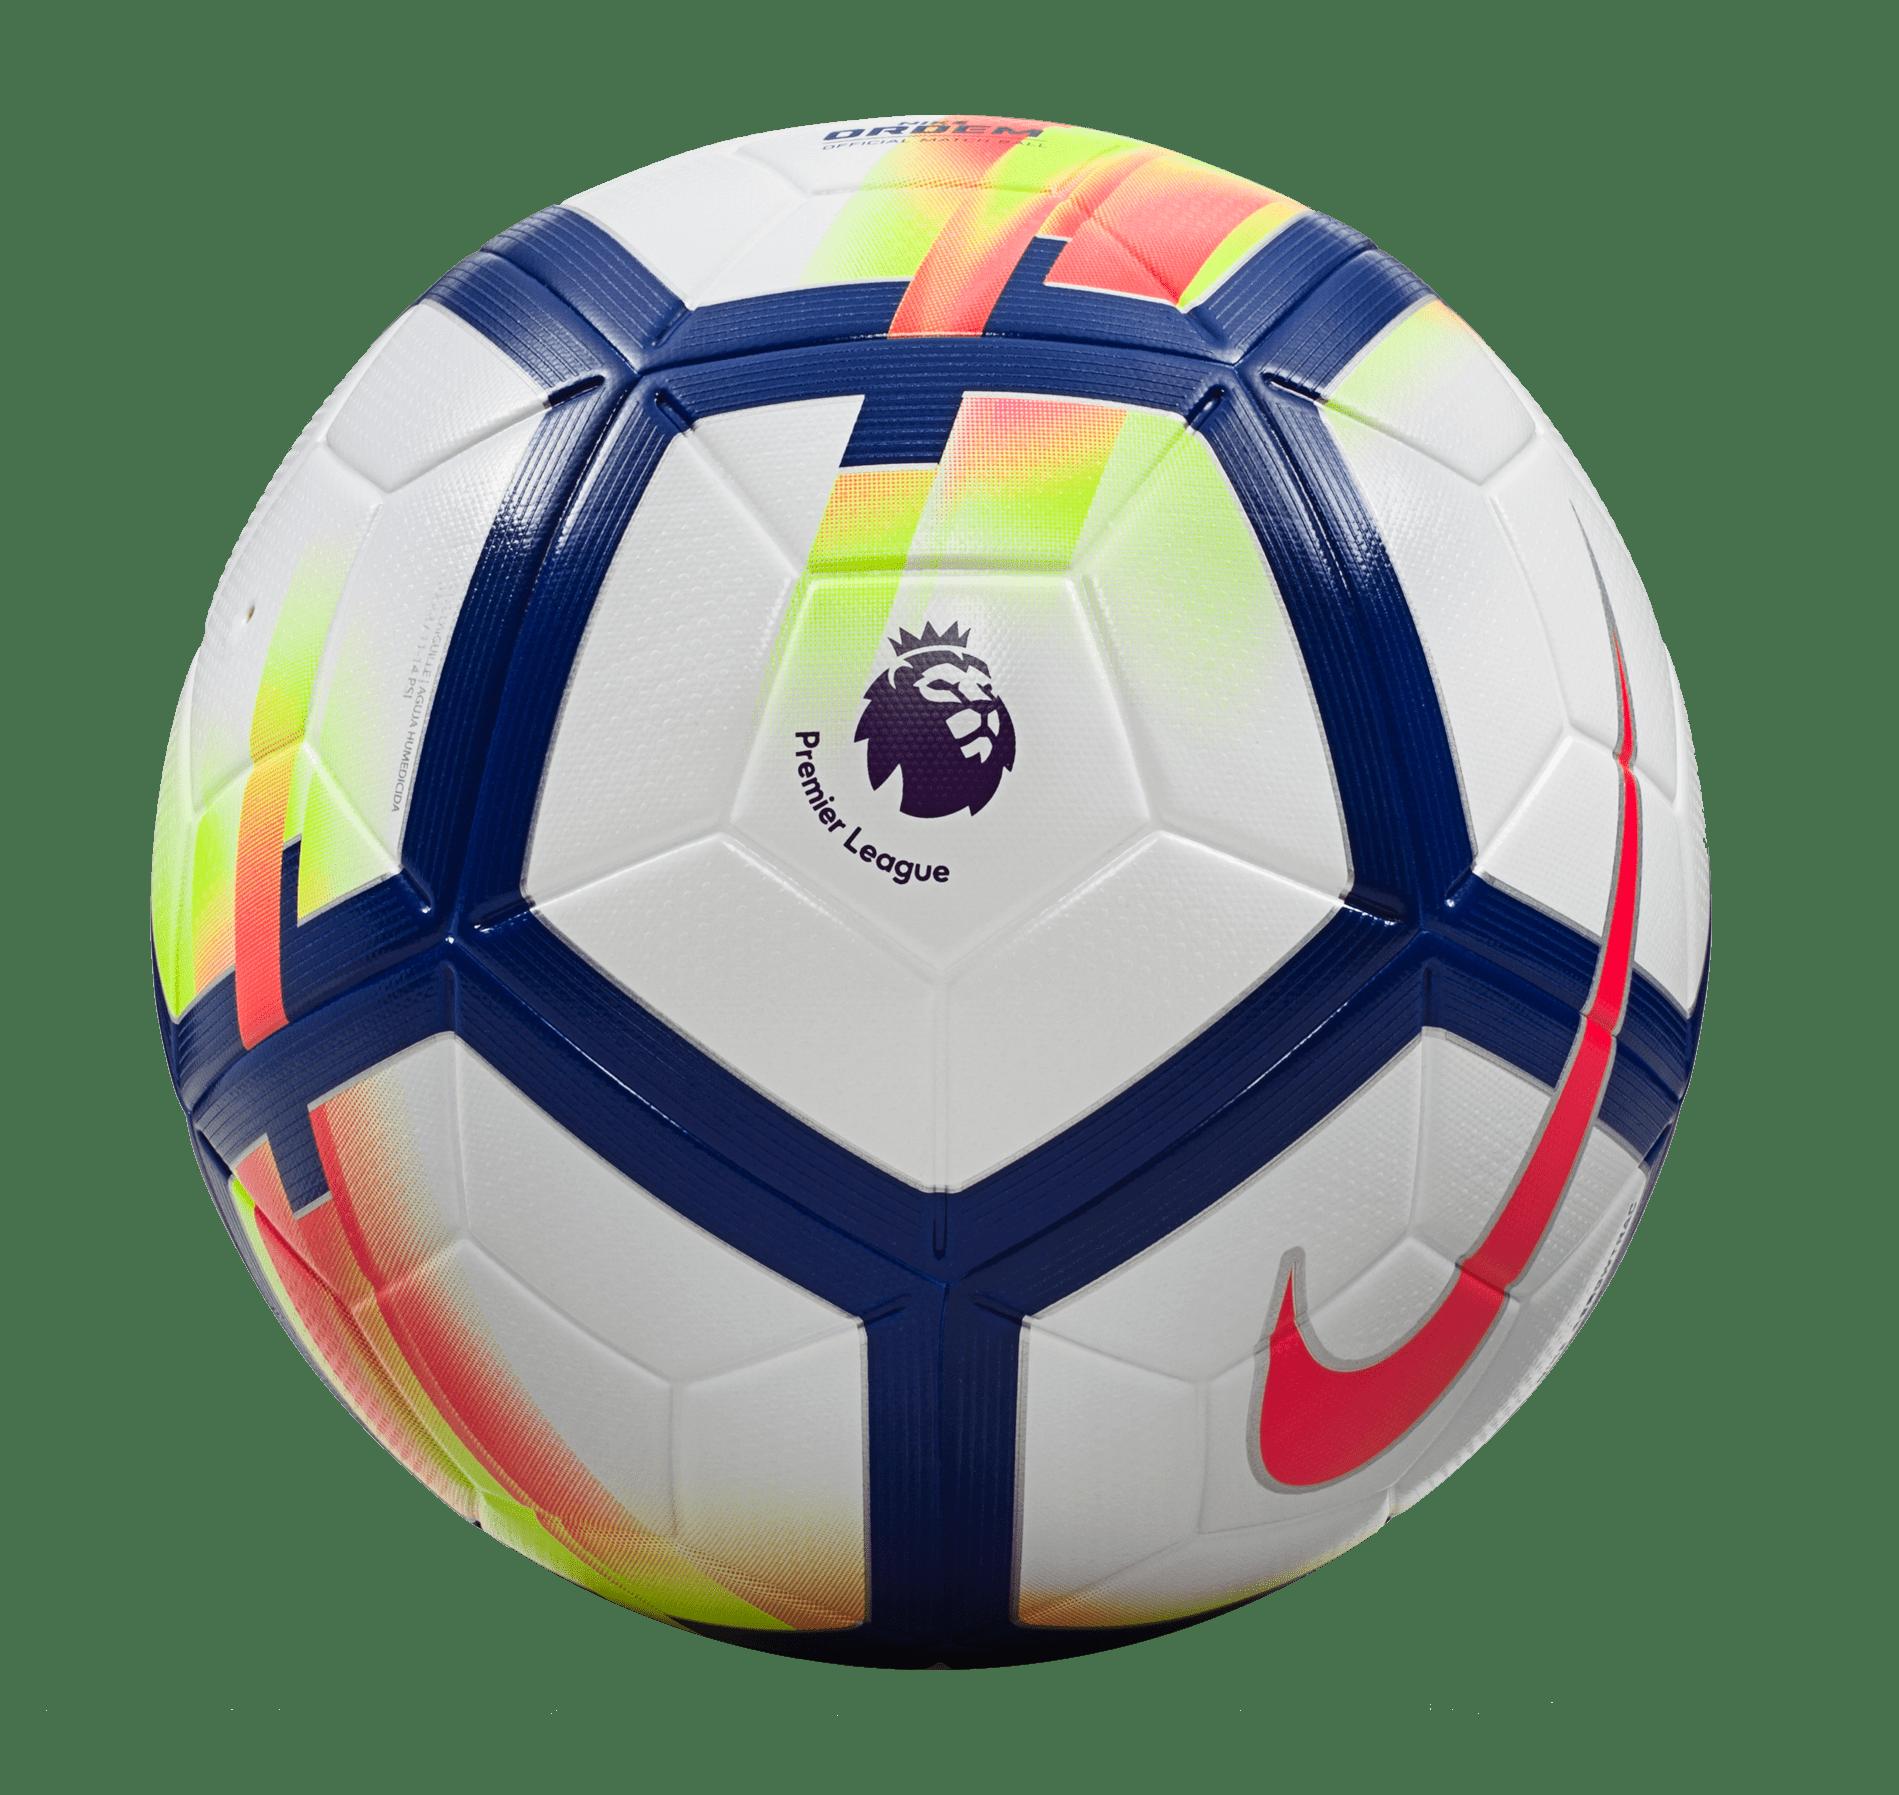 6e5e1d6d5 For all the latest Premier League news, visit the official website of the  Premier League.